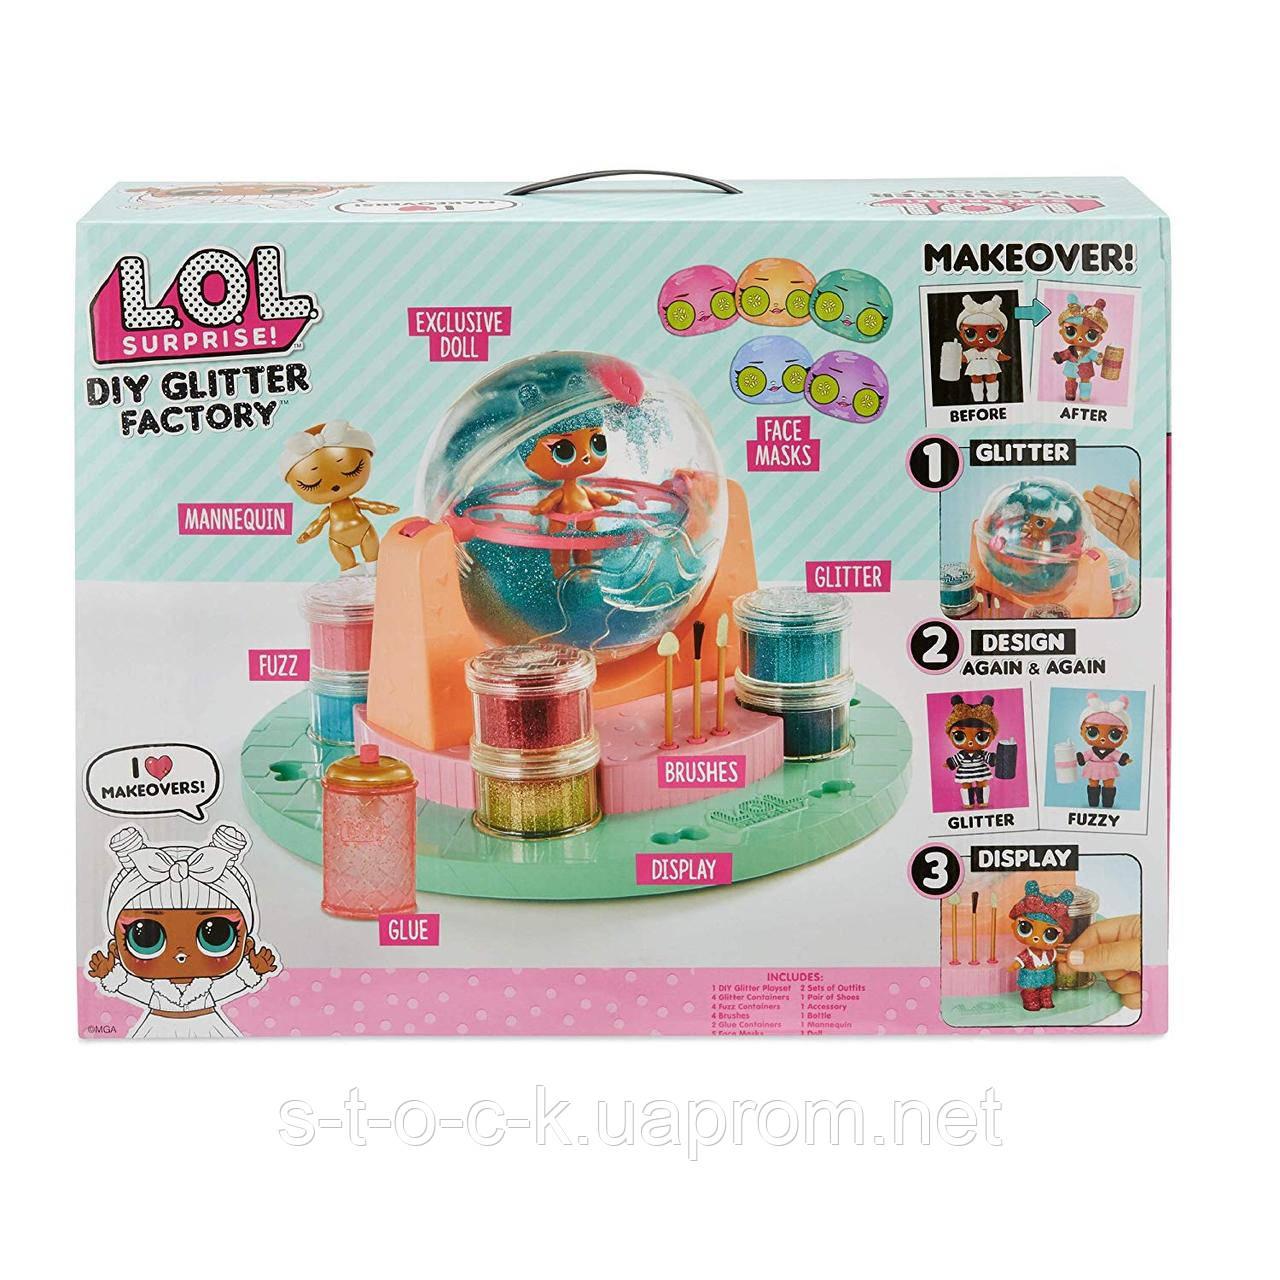 Набор L.O.L.DIY Glitter Factory! ЛОЛ Фабрика Волшебства с эксклюзивной куклой!